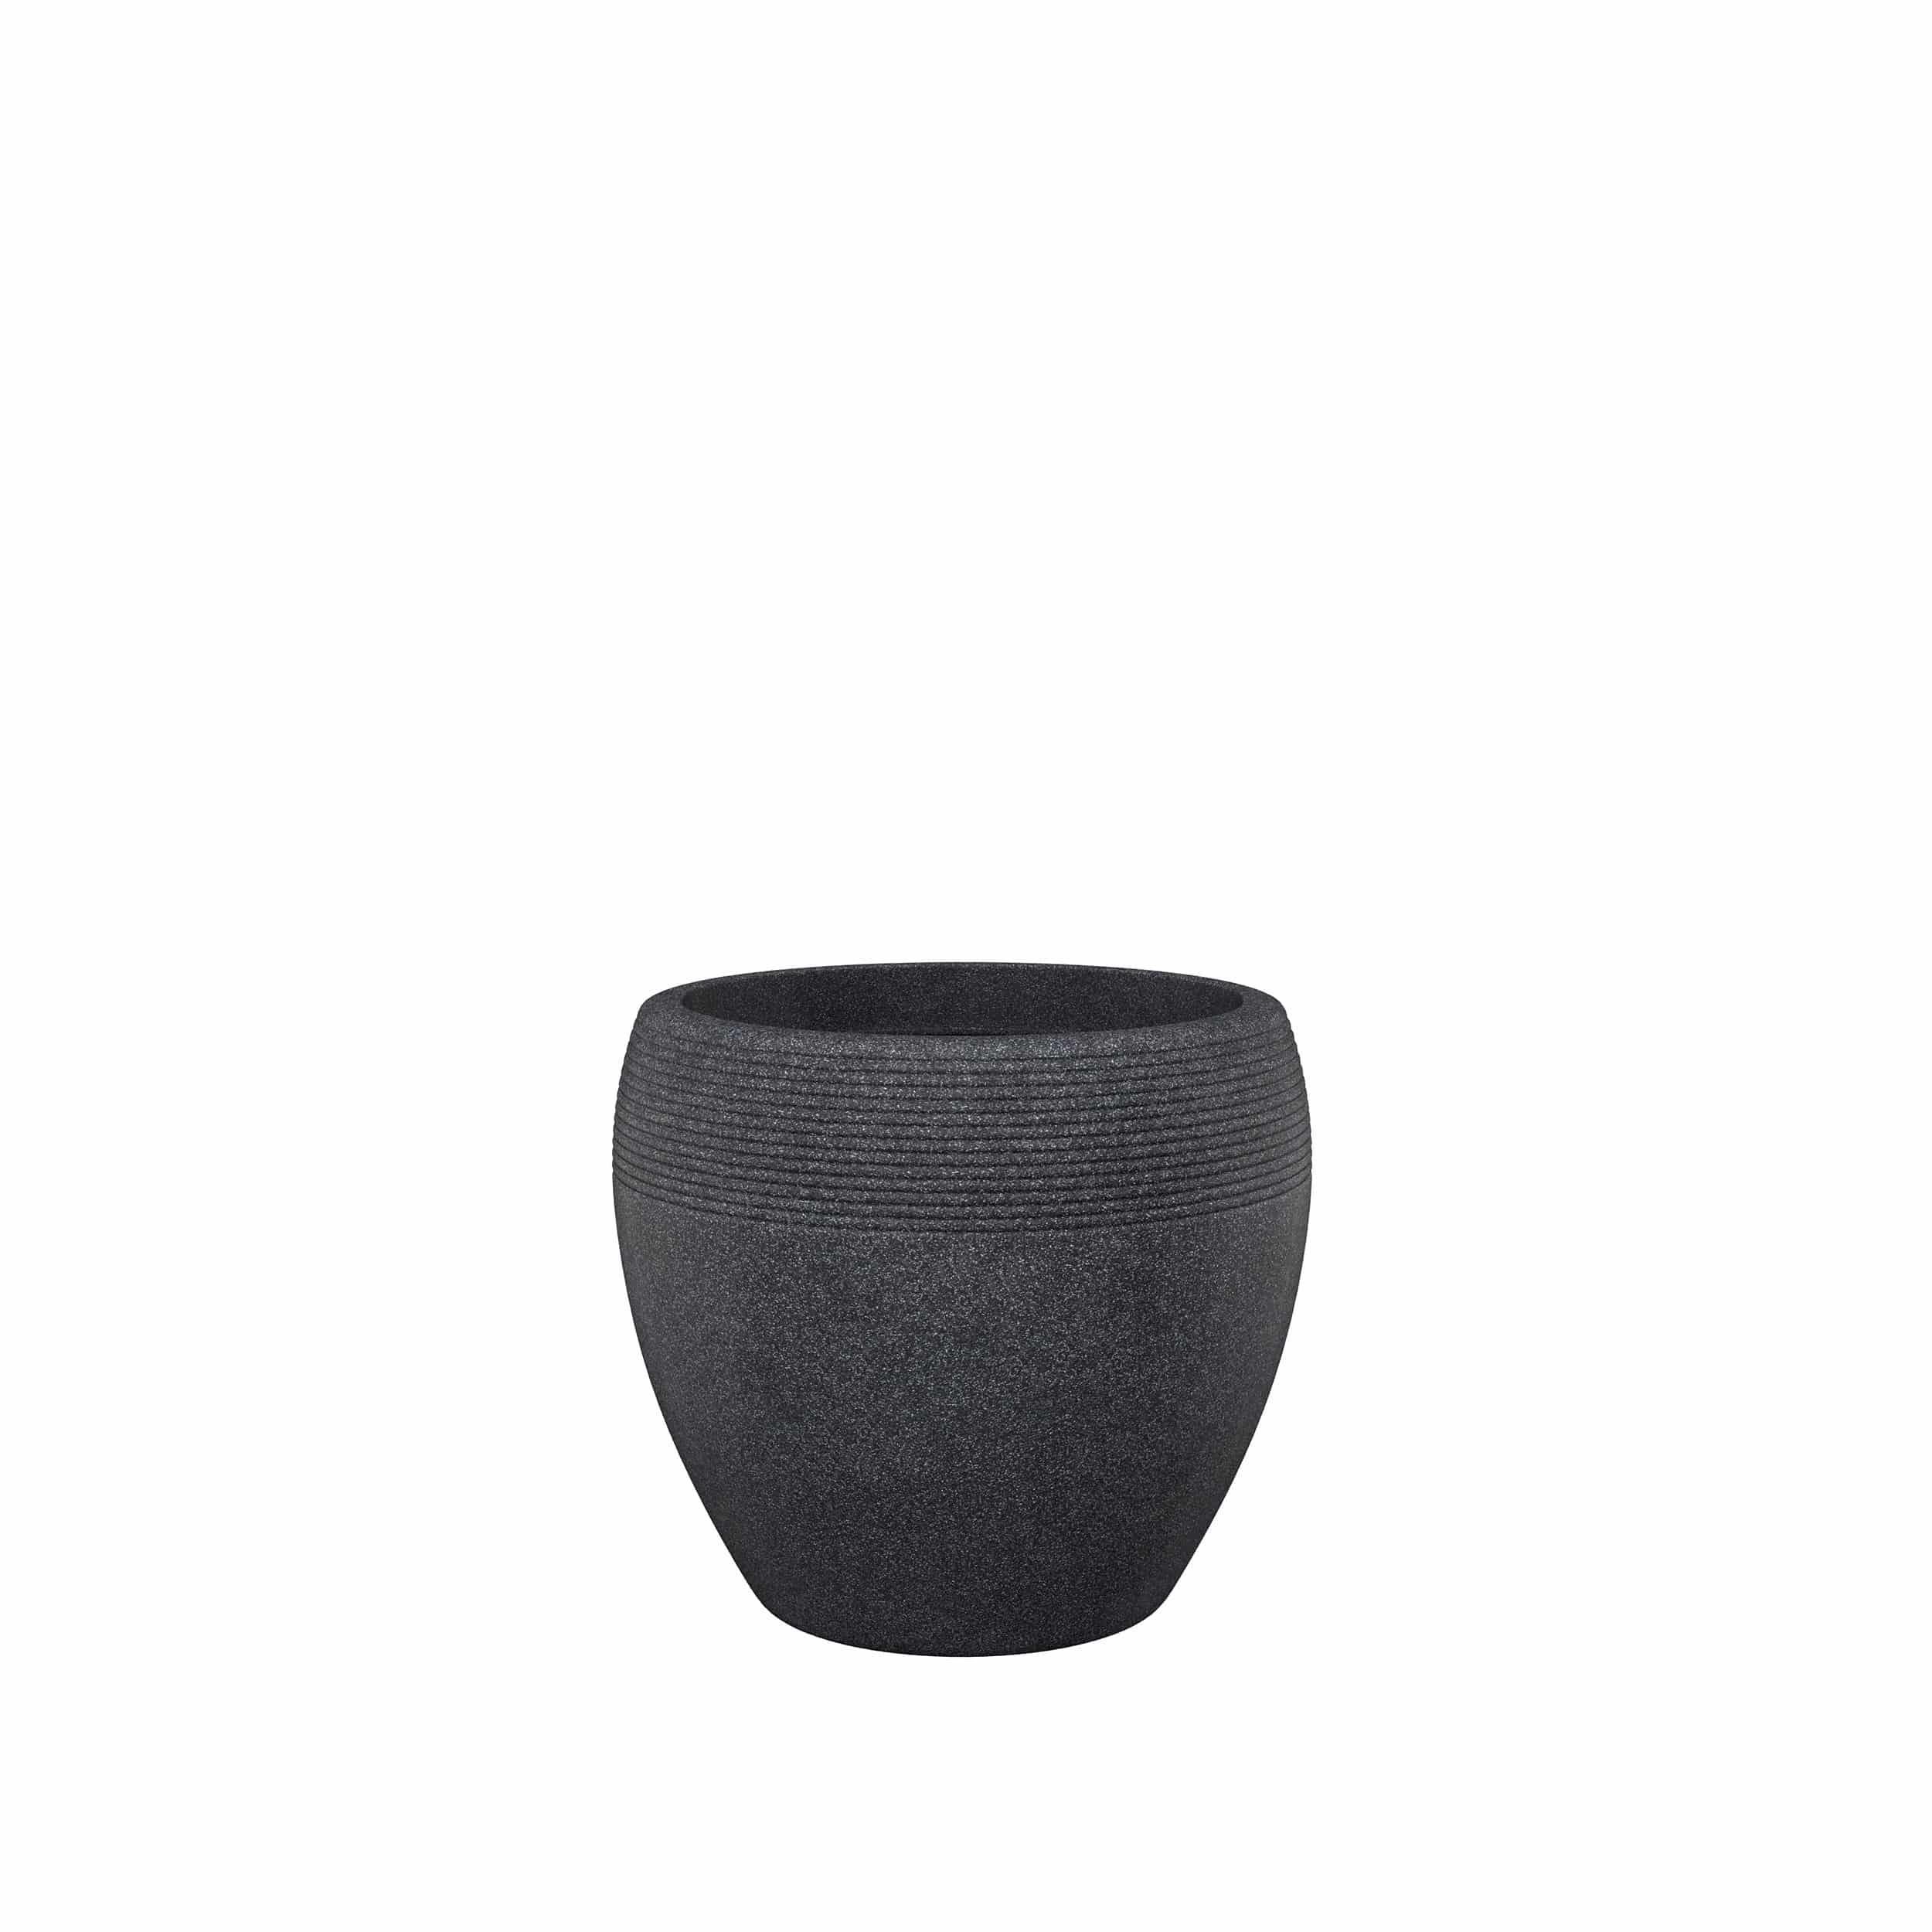 Blumenkübel Lineo D30 cm schwarz